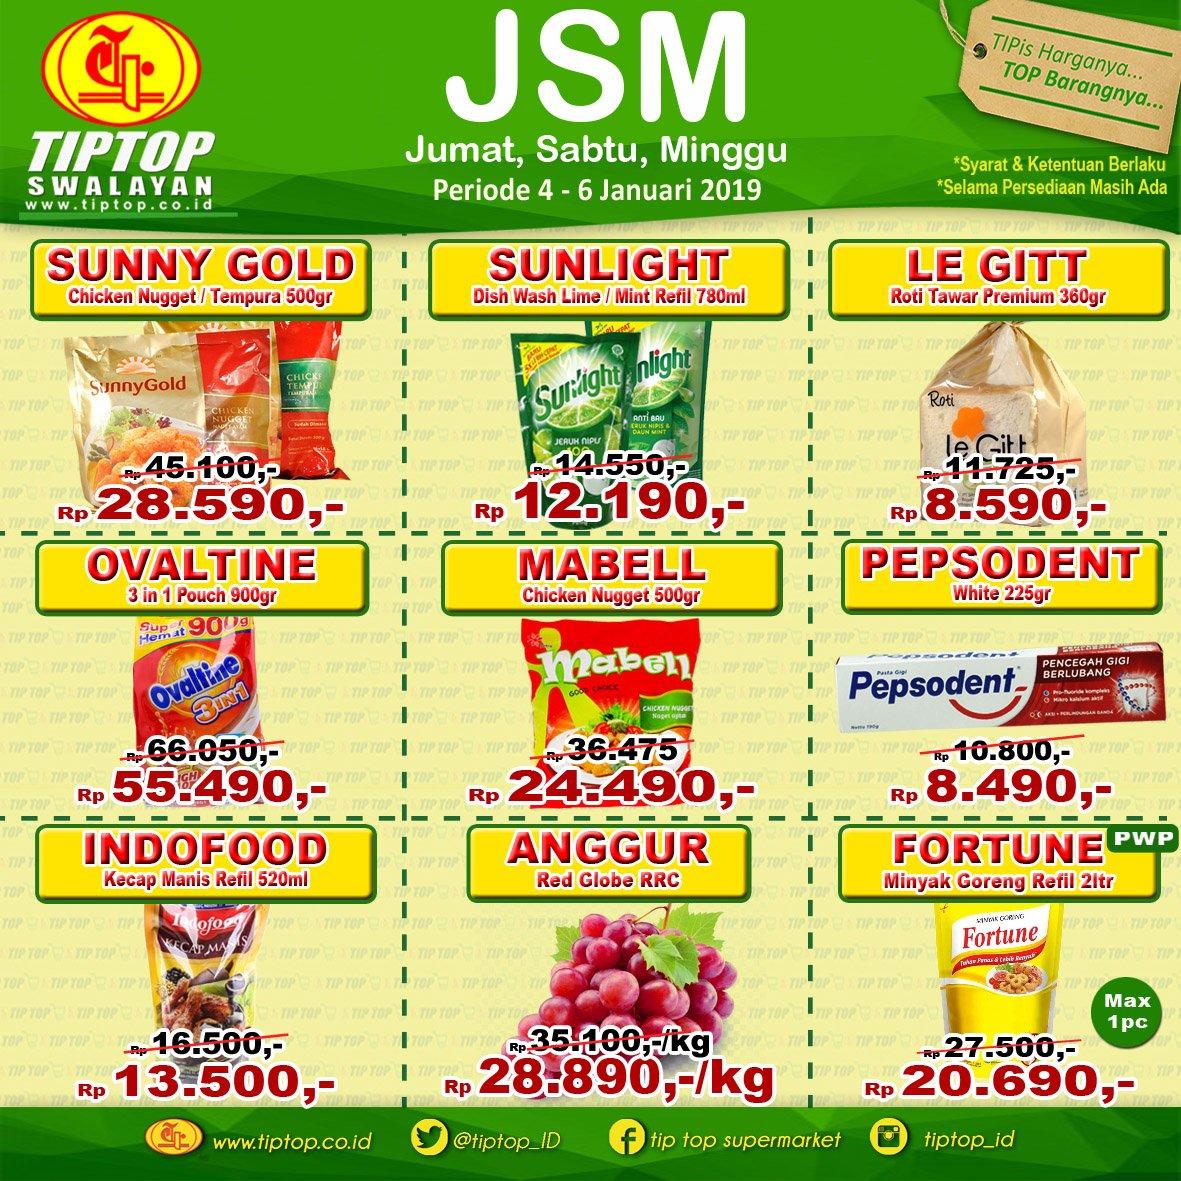 #TipTop - Promo Katalog JSM Periode 04 - 06 Januari 2019